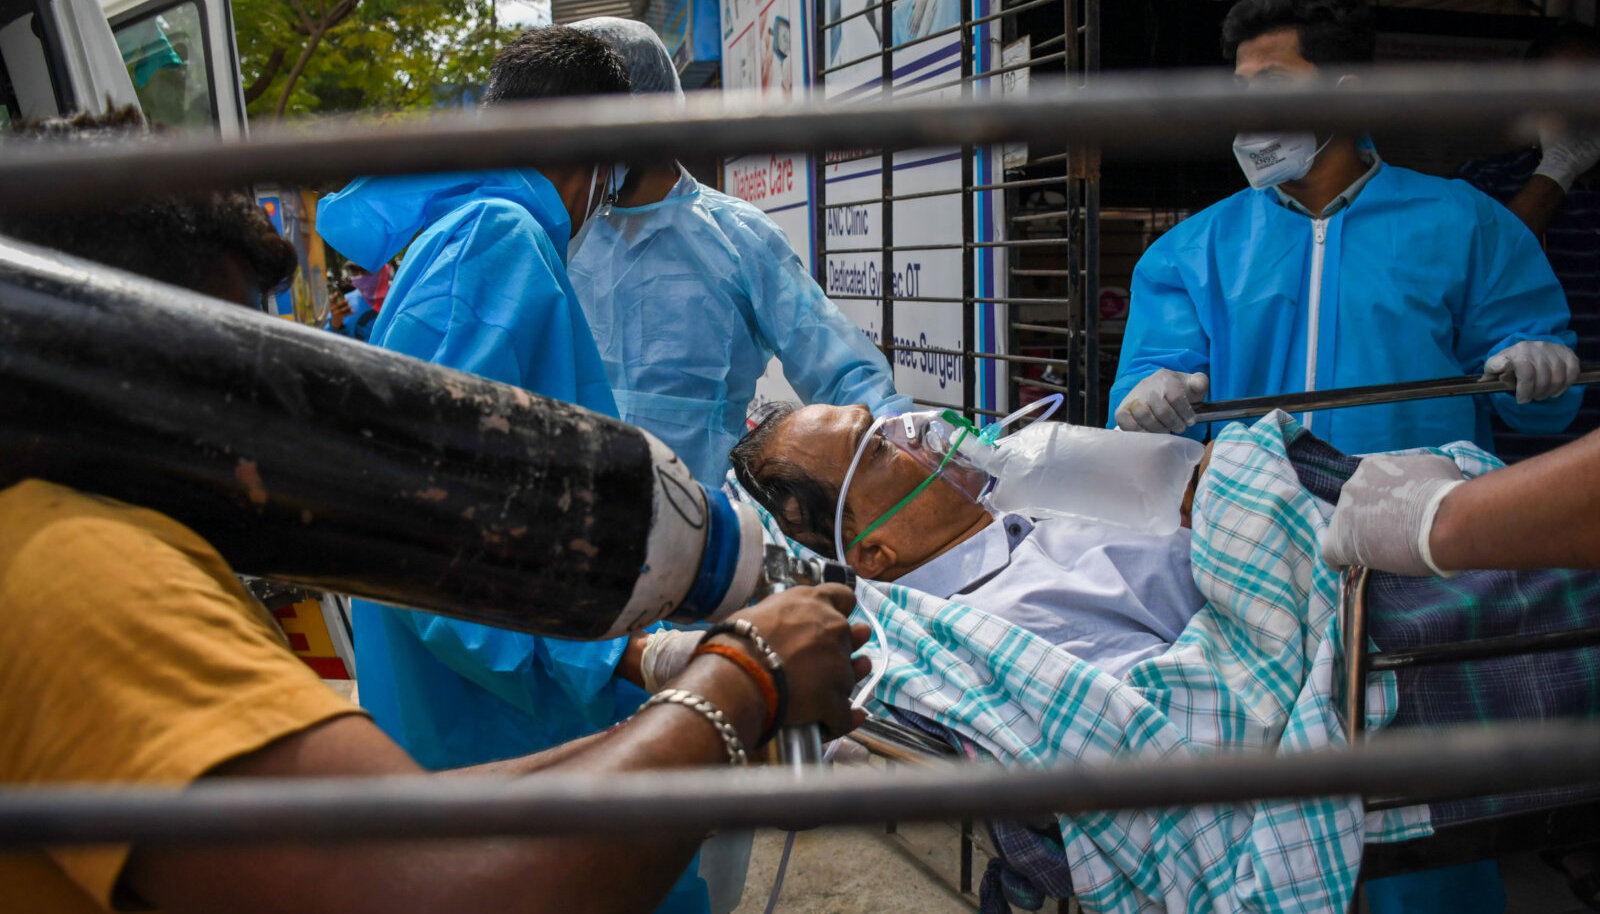 Транспортировка коронавирусного больного в Индии